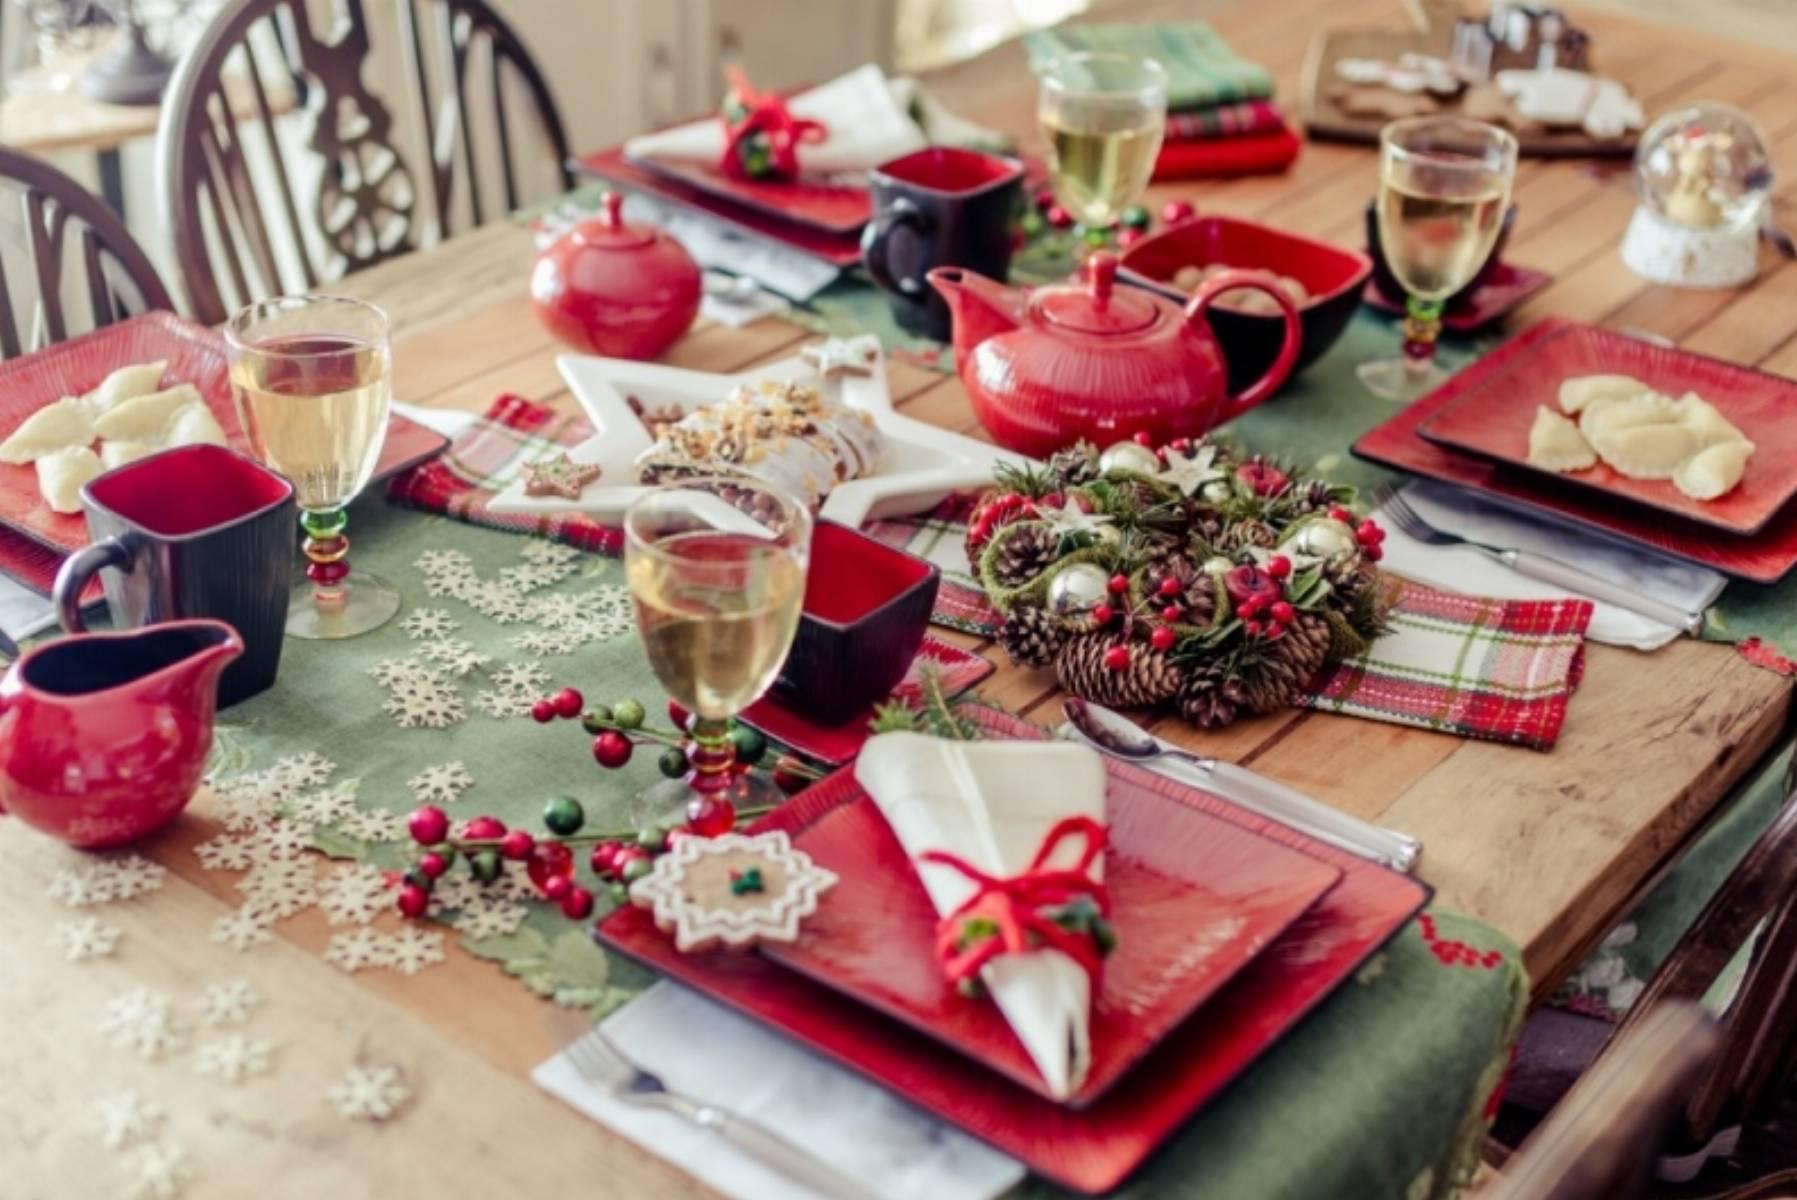 Jak Udekorować Stół Na święta Bożego Narodzenia Kobietamagpl